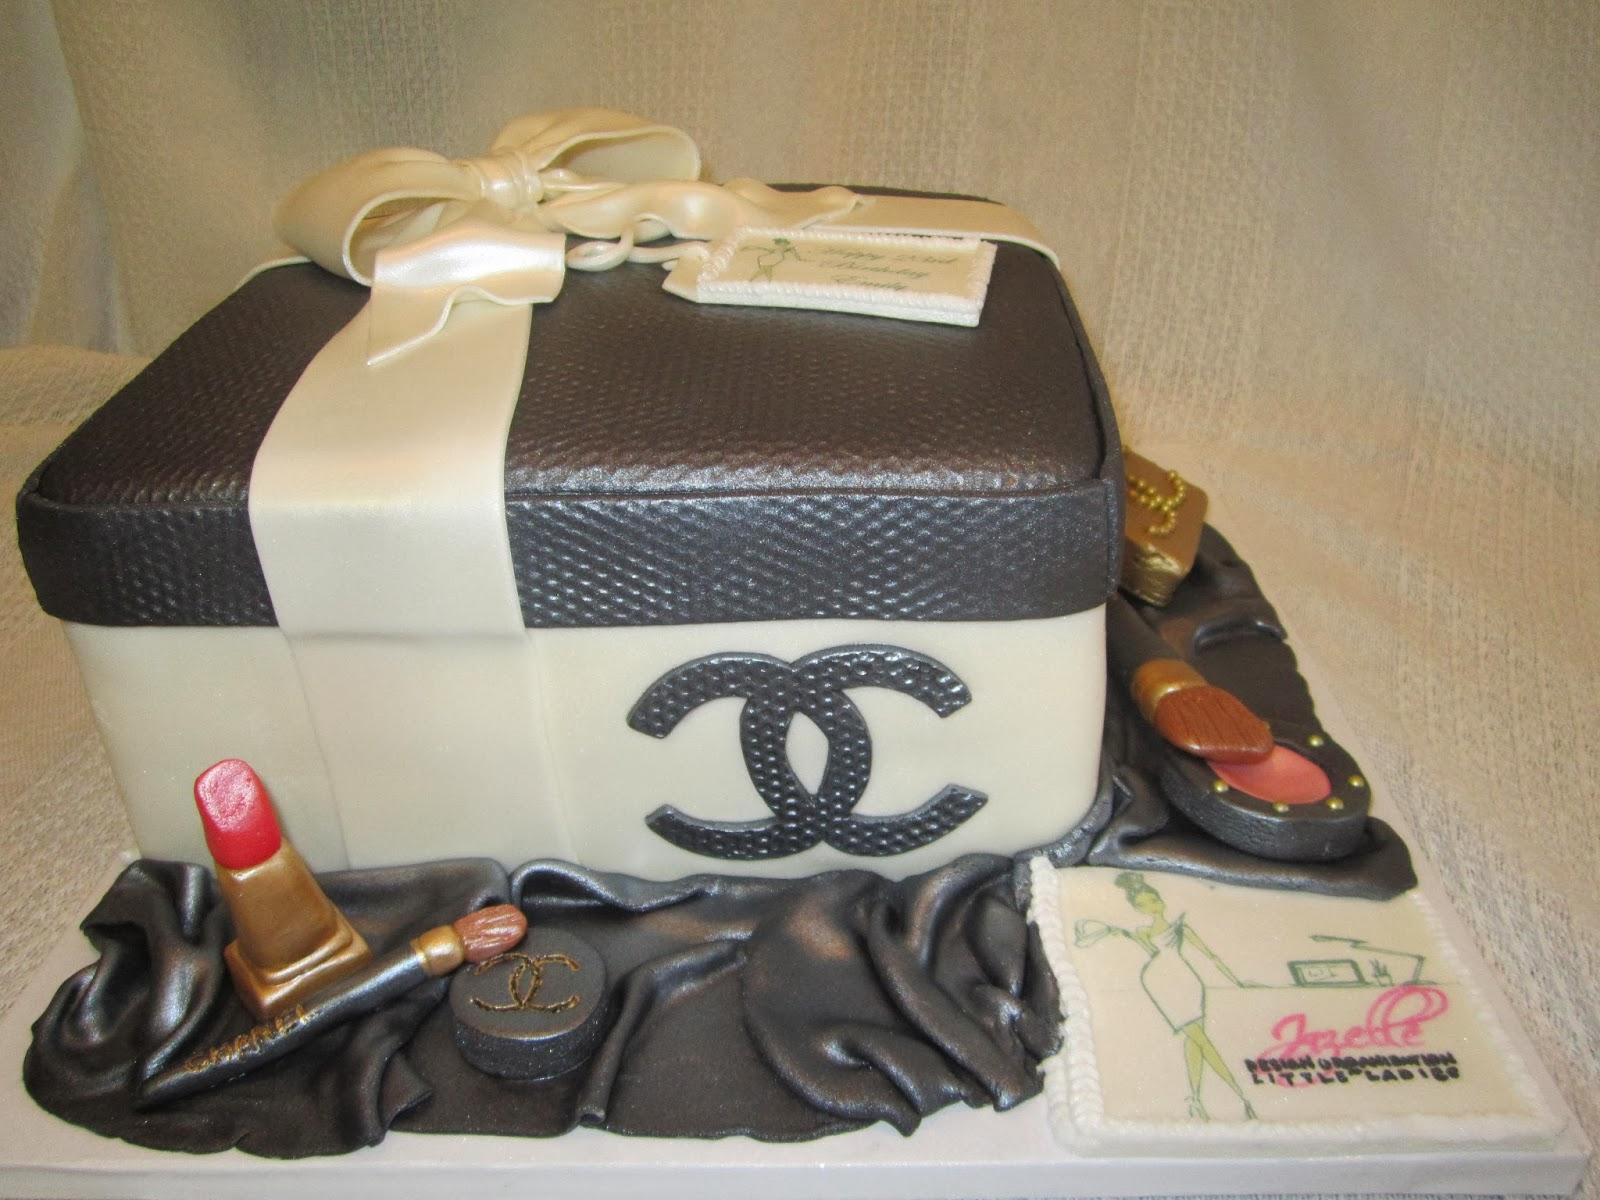 Michael Kors u0026 Chanel Handbag and Gift Box cakes & MyMoniCakes: Michael Kors u0026 Chanel Handbag and Gift Box cakes Aboutintivar.Com